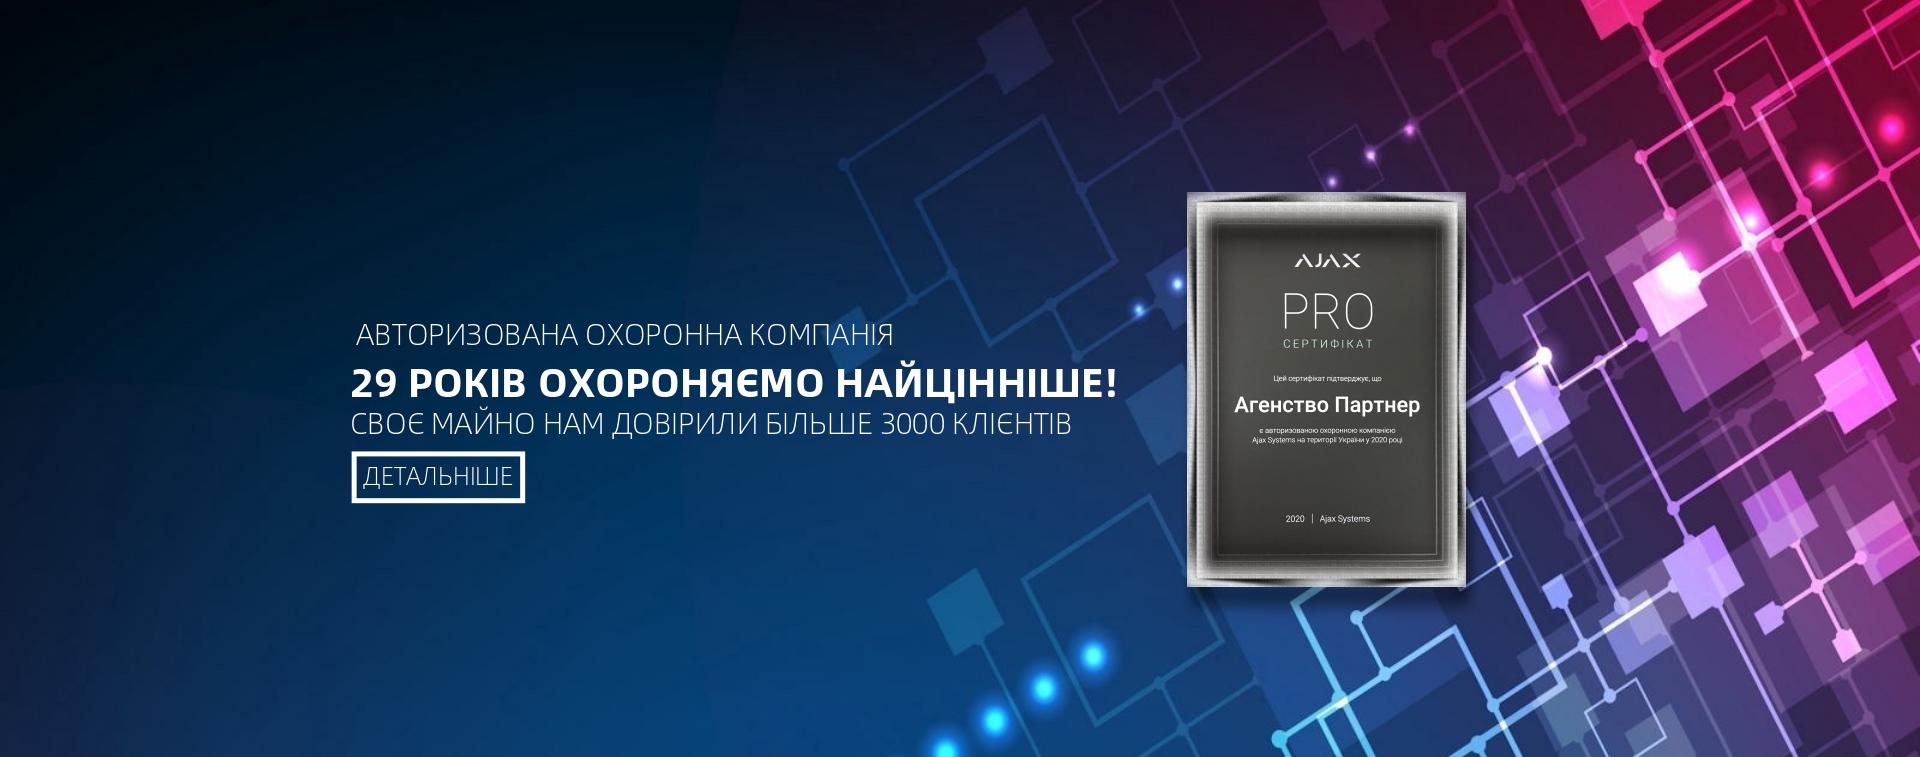 Ajax_gl_ukr